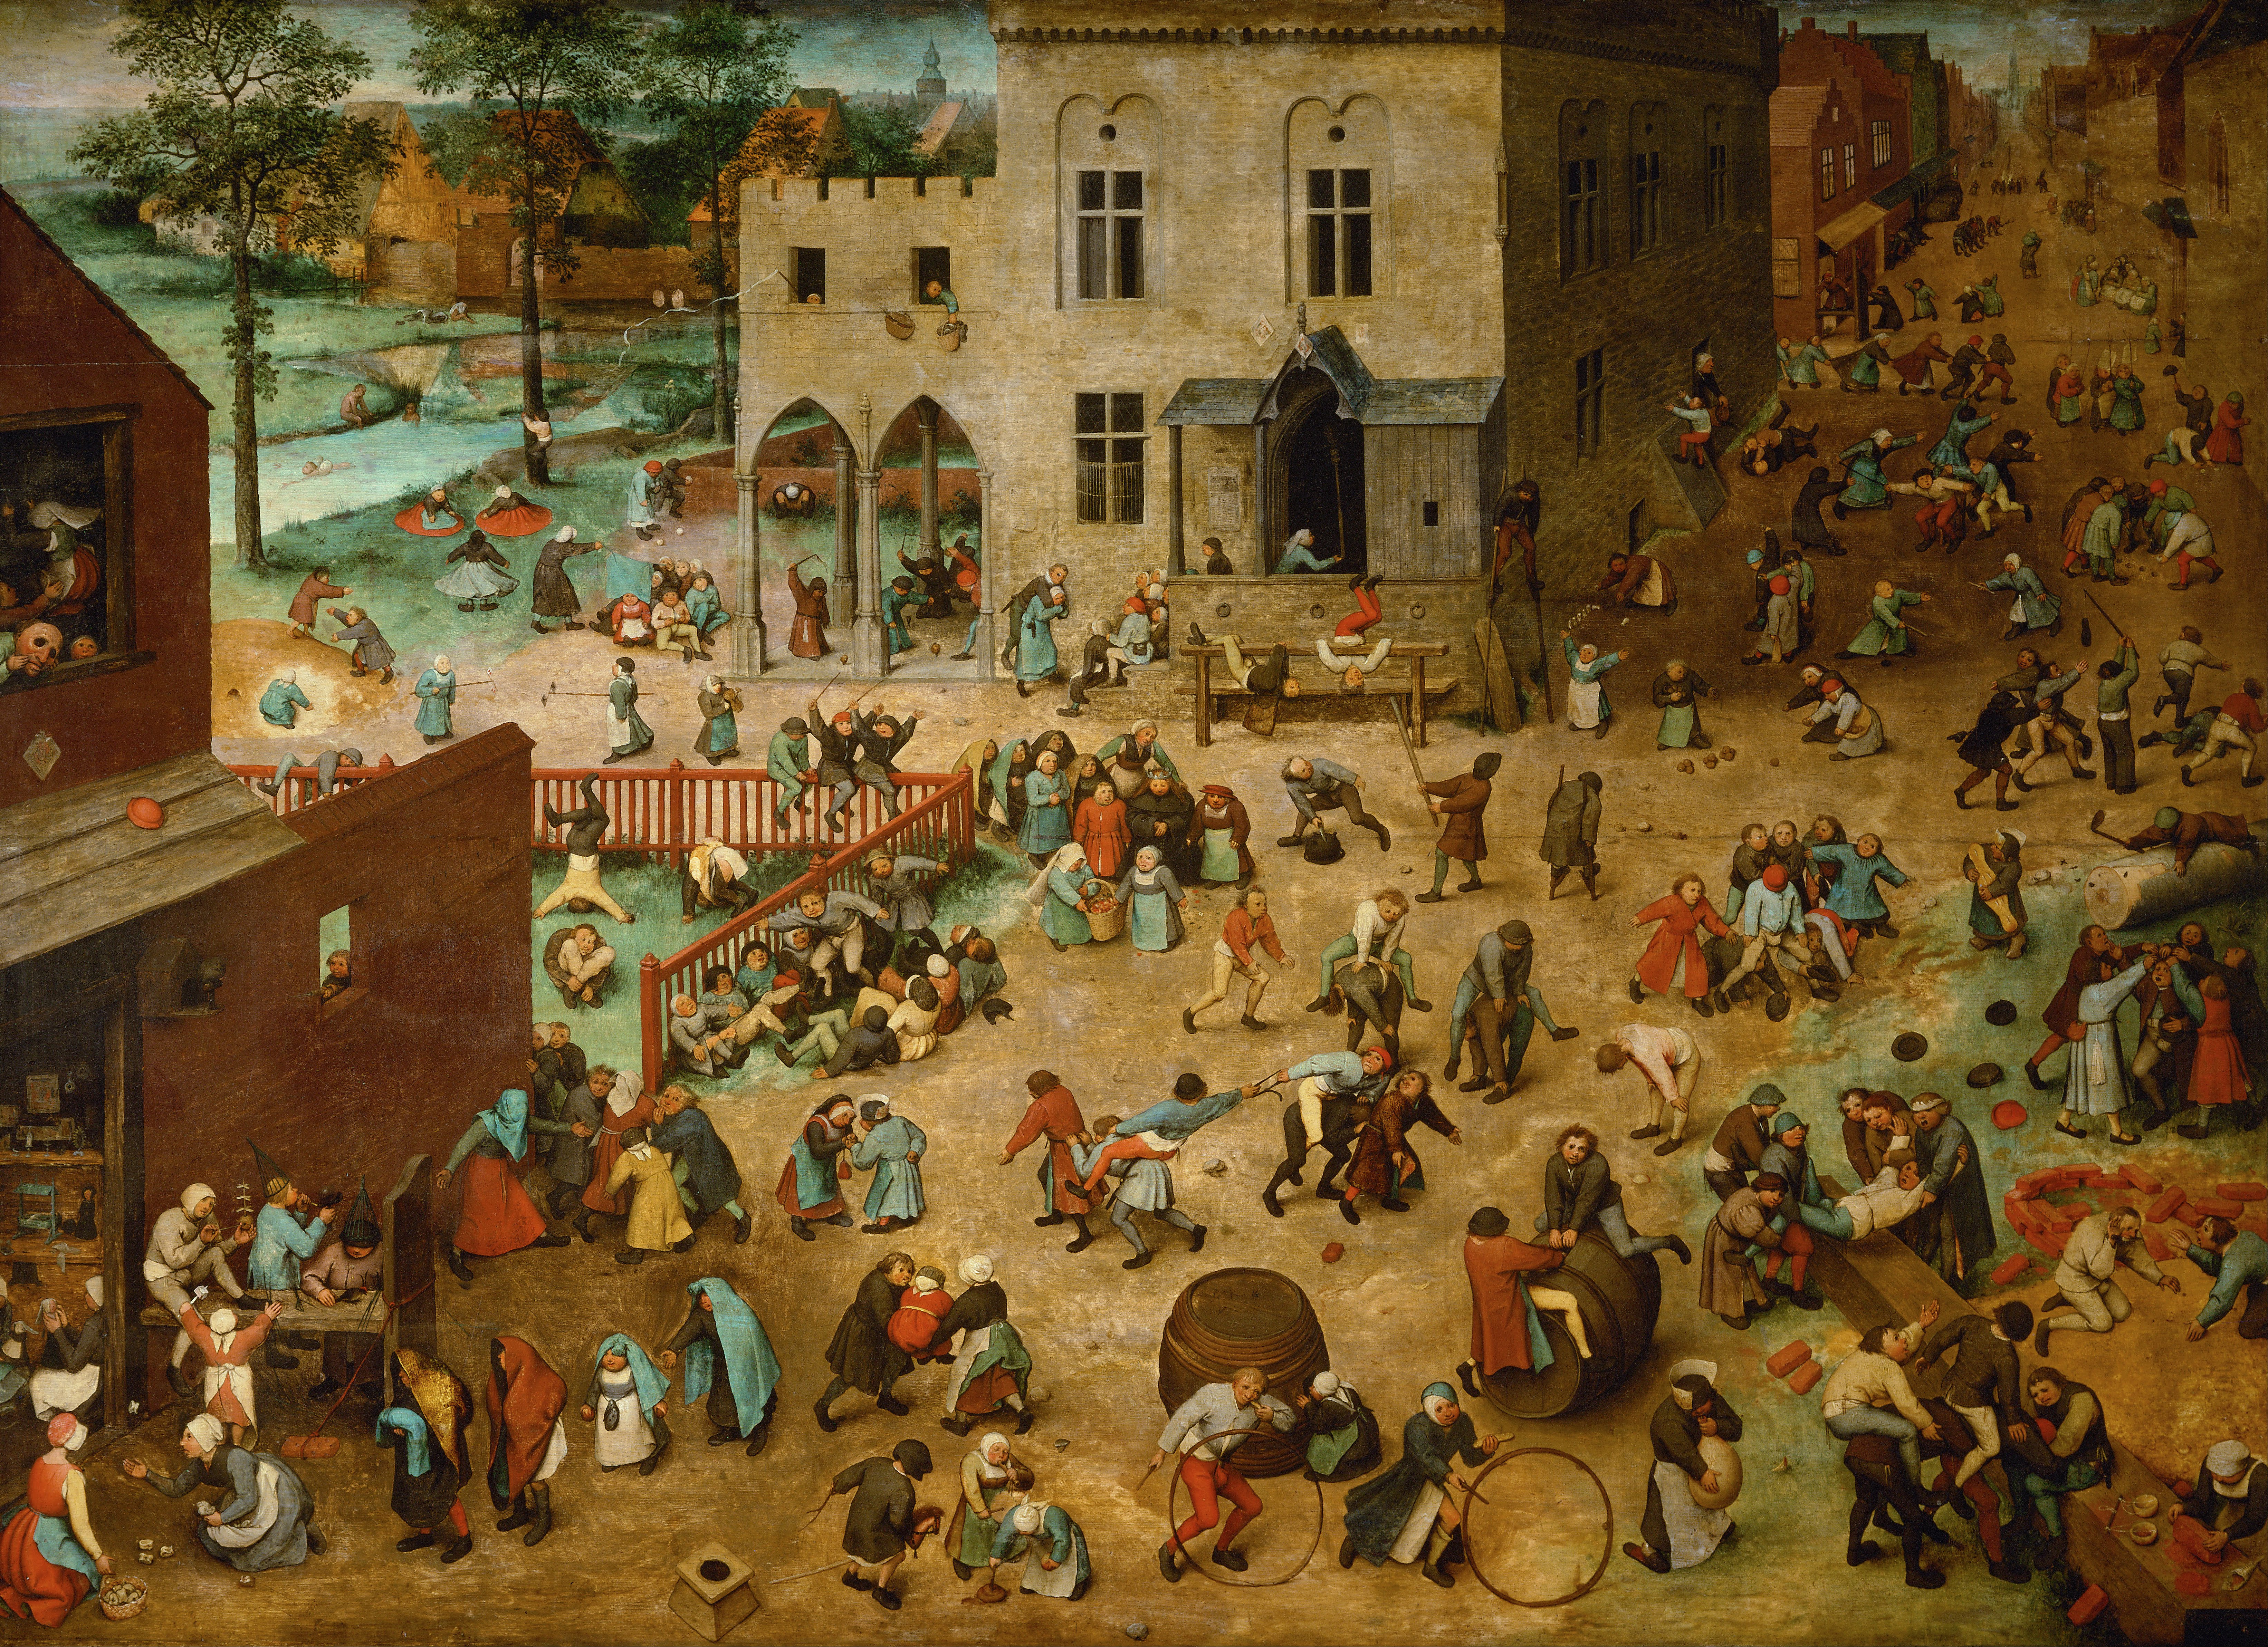 Les jeux d'enfants, Pieter Brueghel l'Ancien, 1560 © Collection Kunsthistorisches Museum Wien